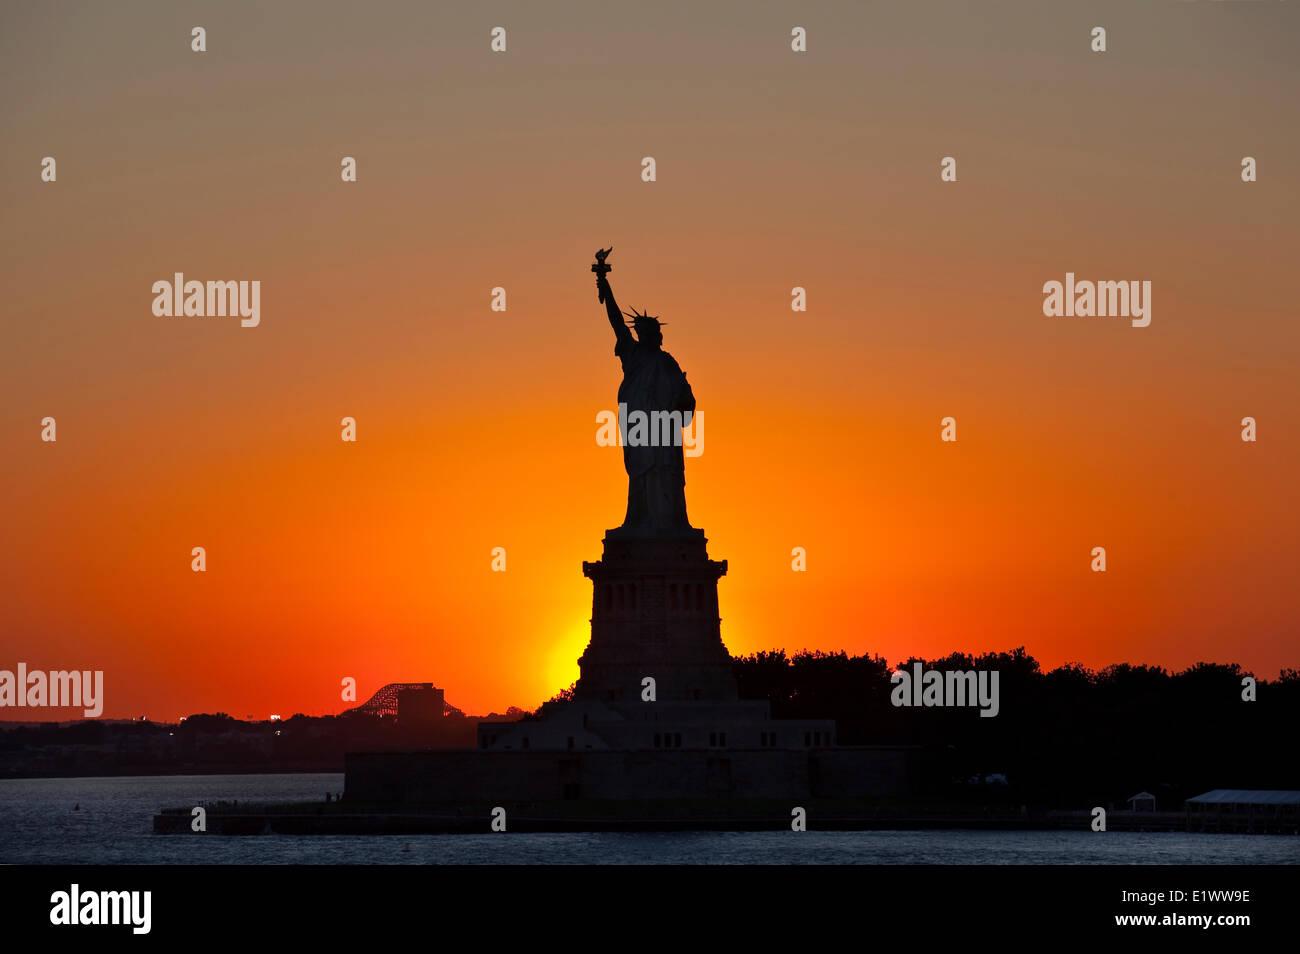 Siluetas de la Estatua de la libertad fotografiado contra la puesta de sol. Liberty Island, Nueva York, EE.UU. Imagen De Stock